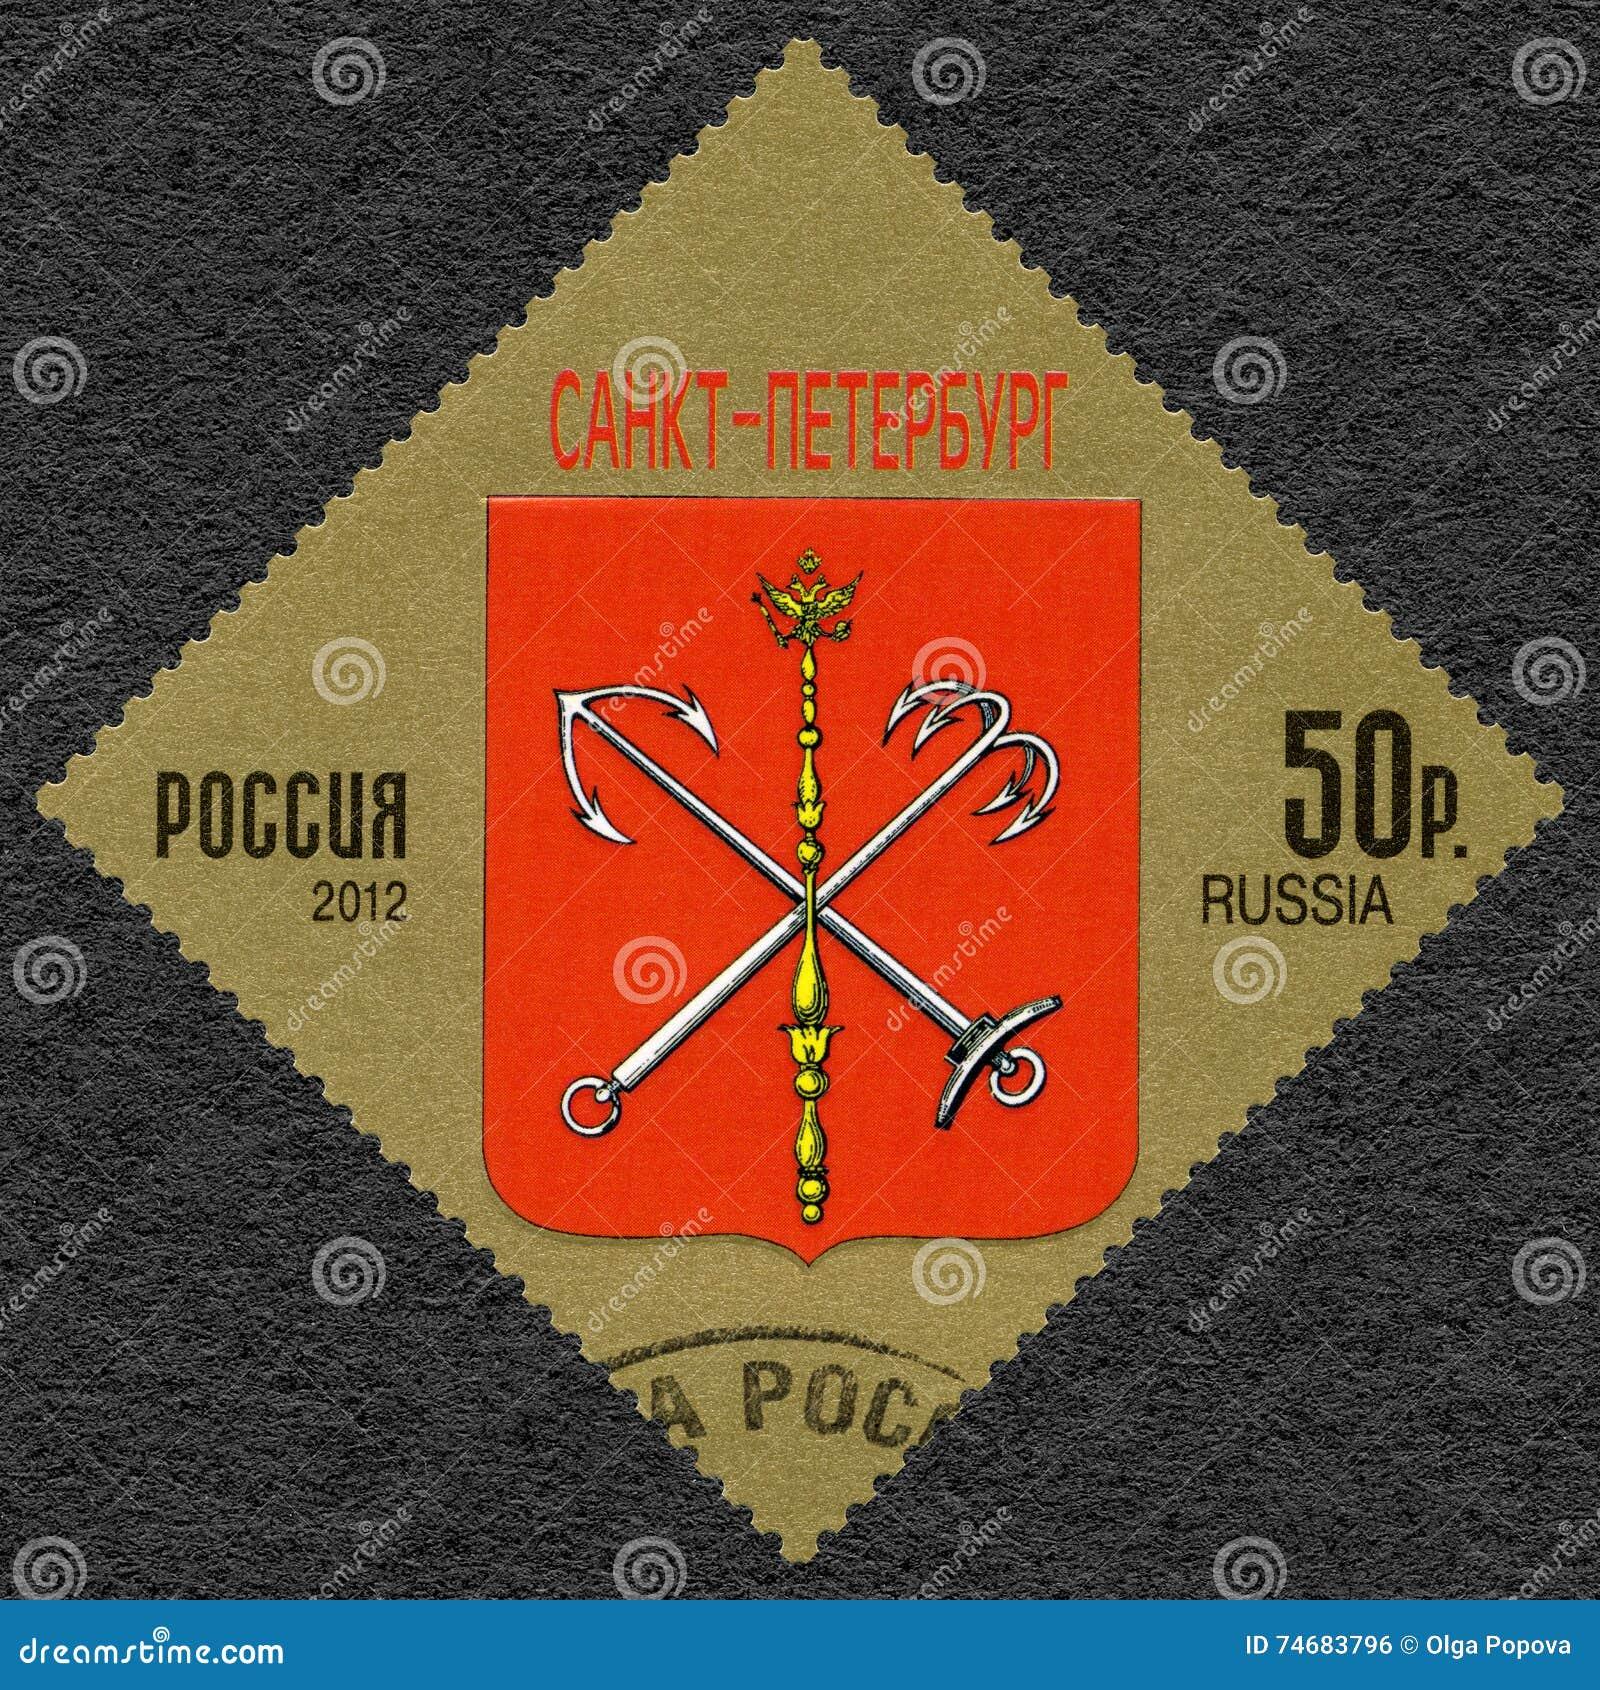 RÚSSIA - 2012: mostra a brasão de StPetersburg, Federação Russa